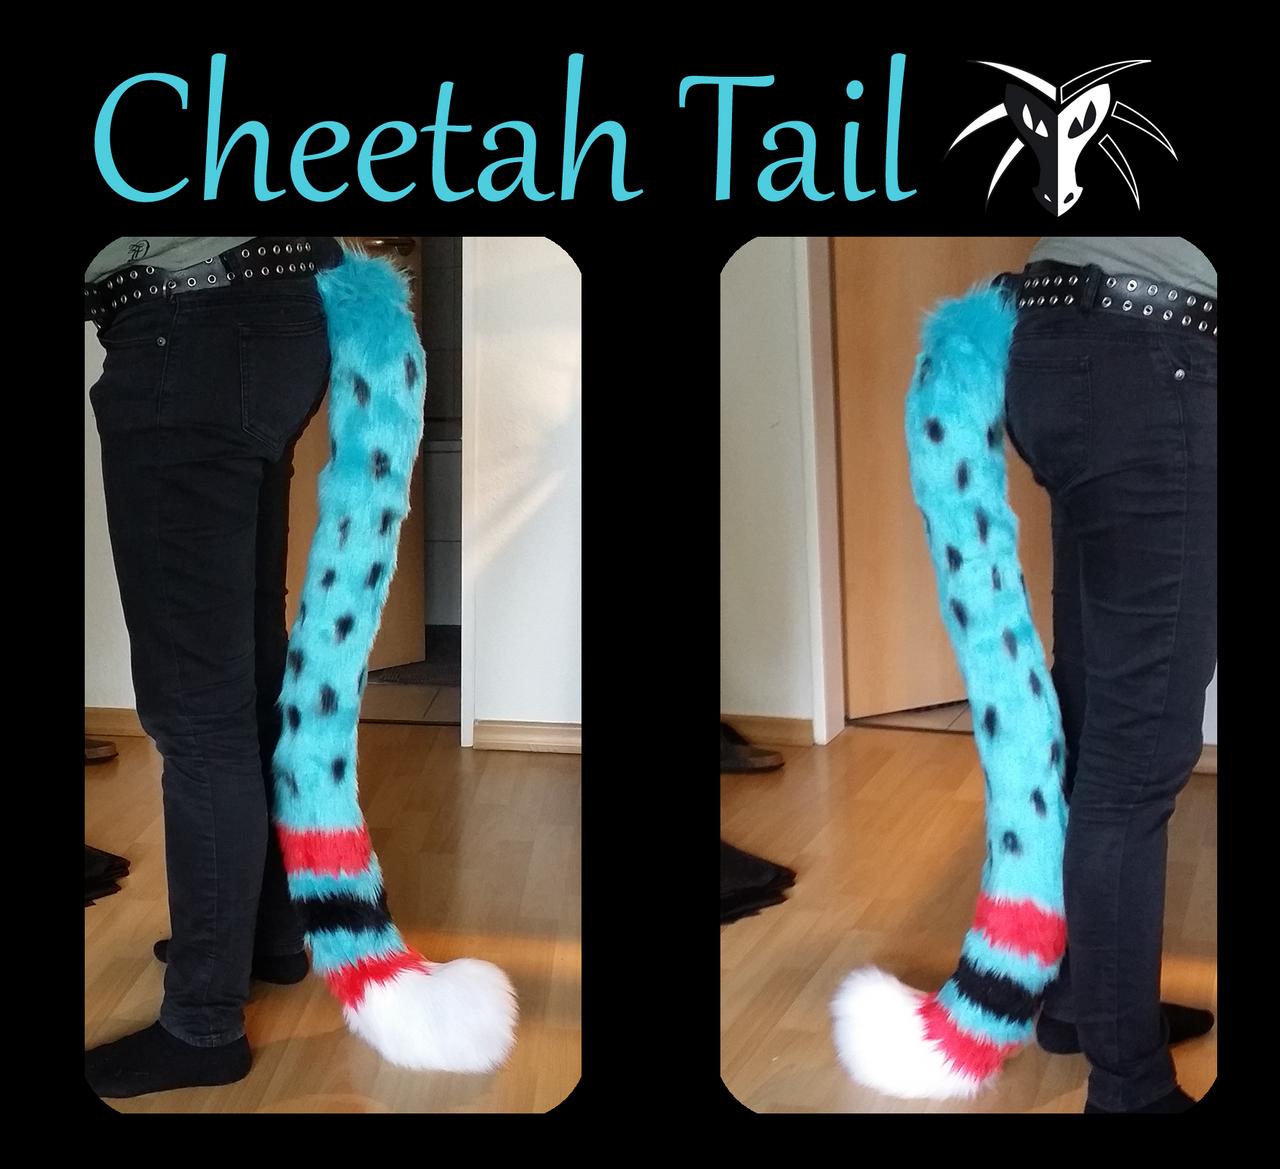 Cheetah Tail by Shiryuakais